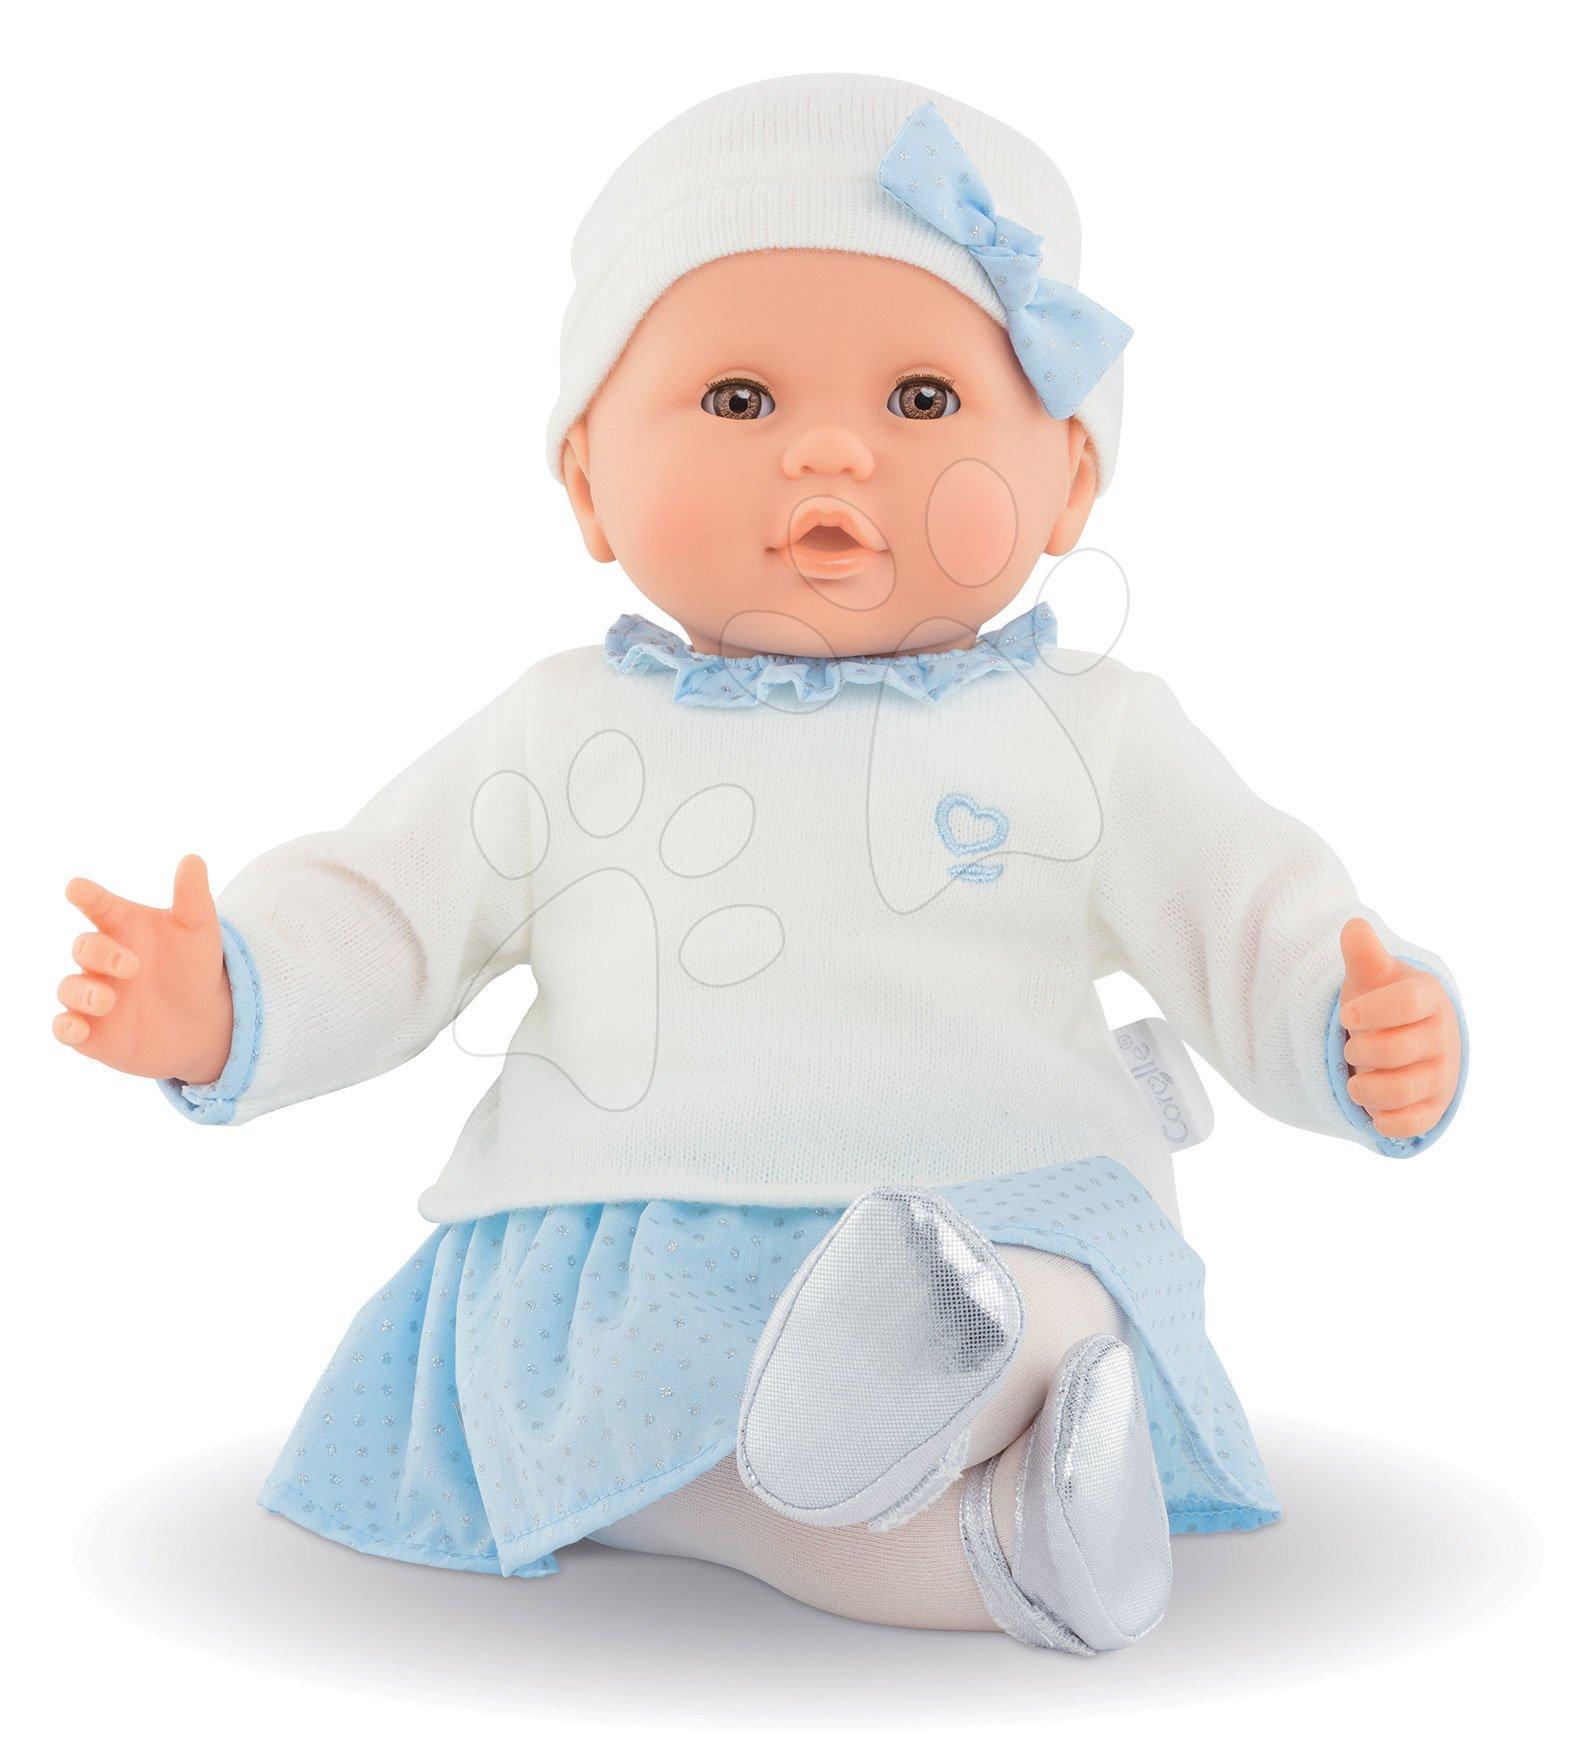 Panenky od 24 měsíců - Panenka Anais Winter Sparkle Mon Grand Poupon Corolle 36 cm s hnědýma mrkacíma očima od 24 měsíců